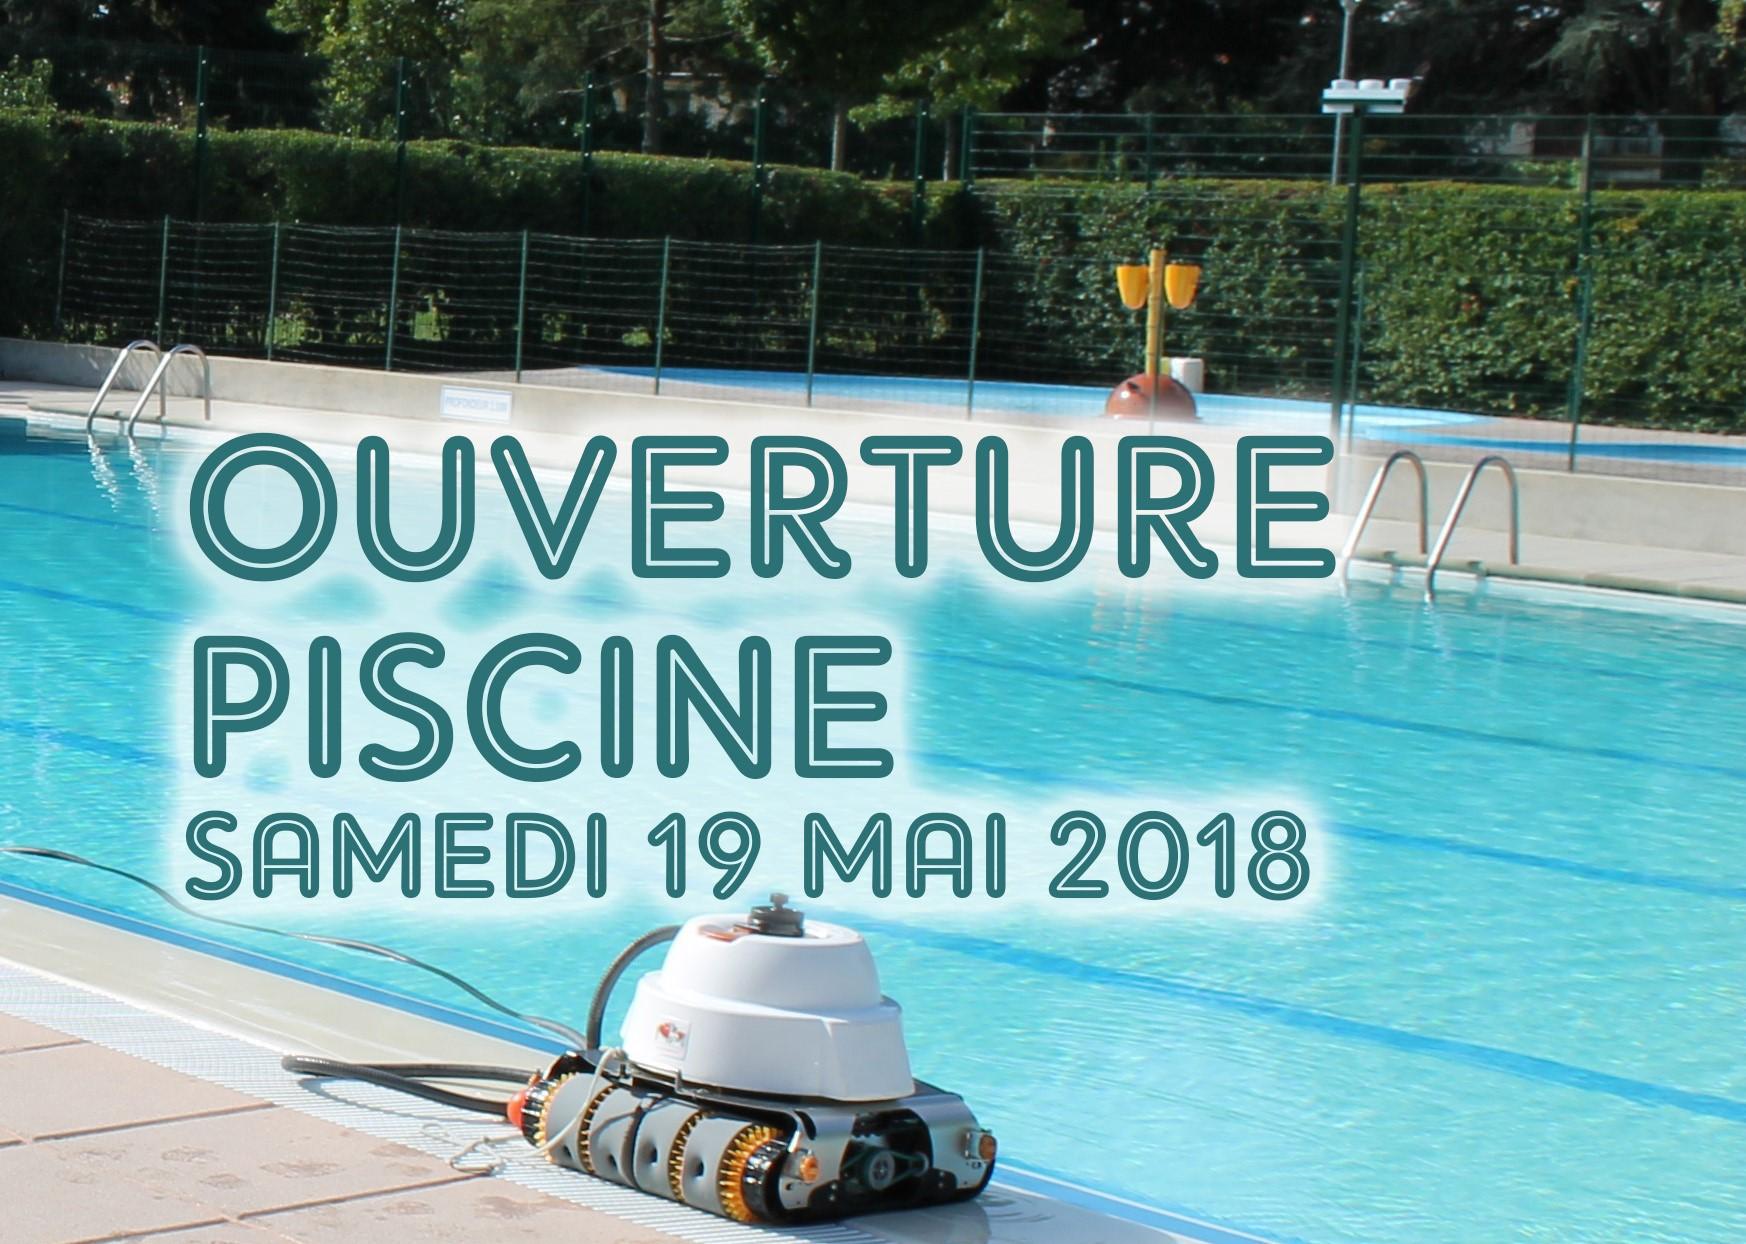 Ouverture 2018 piscine des Hameaux de la roche: Samedi 19 Mai, 11h